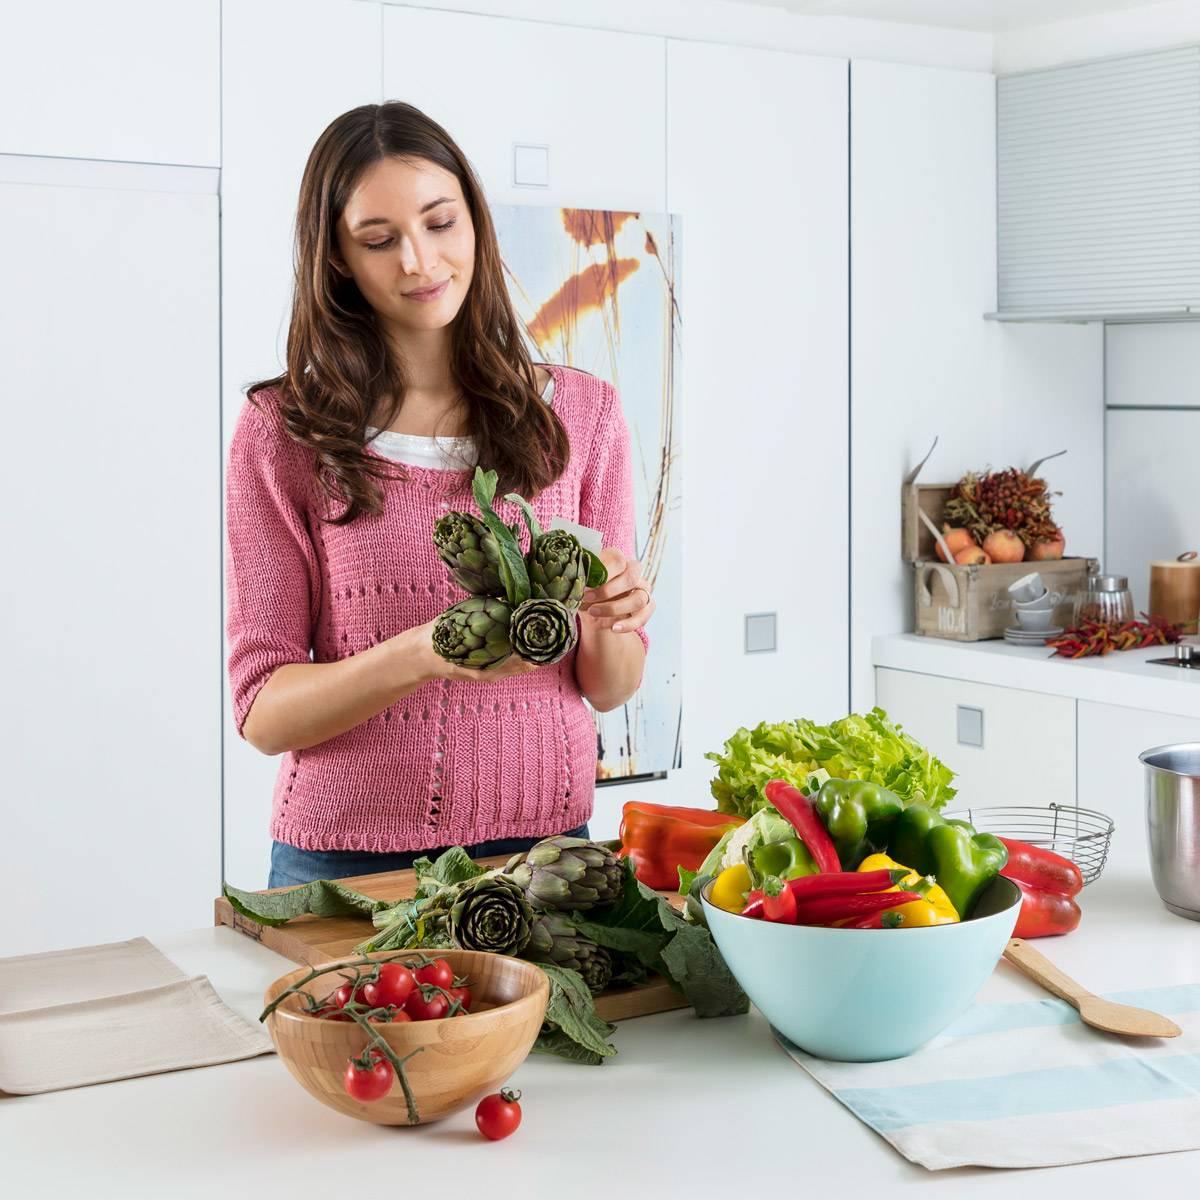 Piatti deliziosi senza difficolt indesit elettrodomestici per la casa e la cucina - Cucina senza elettrodomestici ...